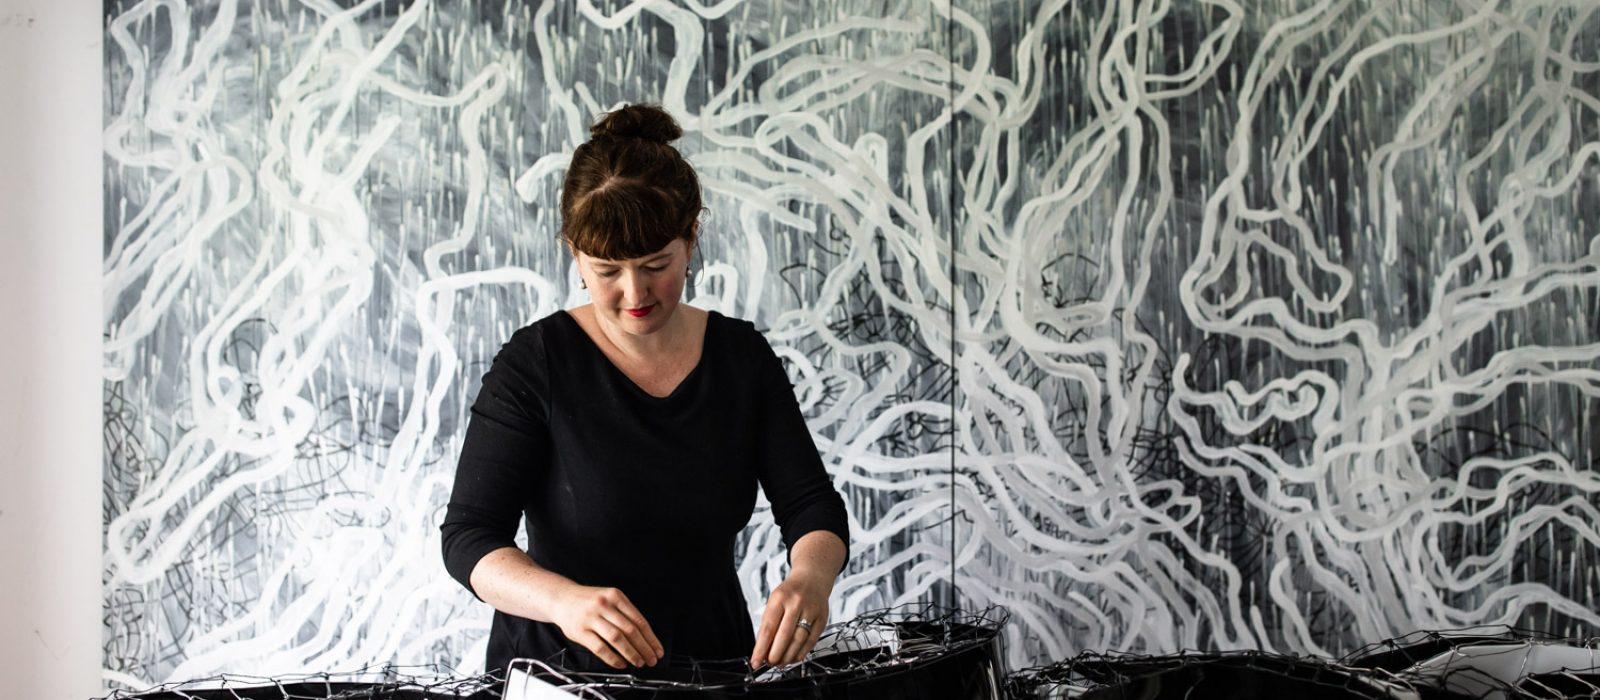 Hannah Quinlivan. Photo: Lean Timms